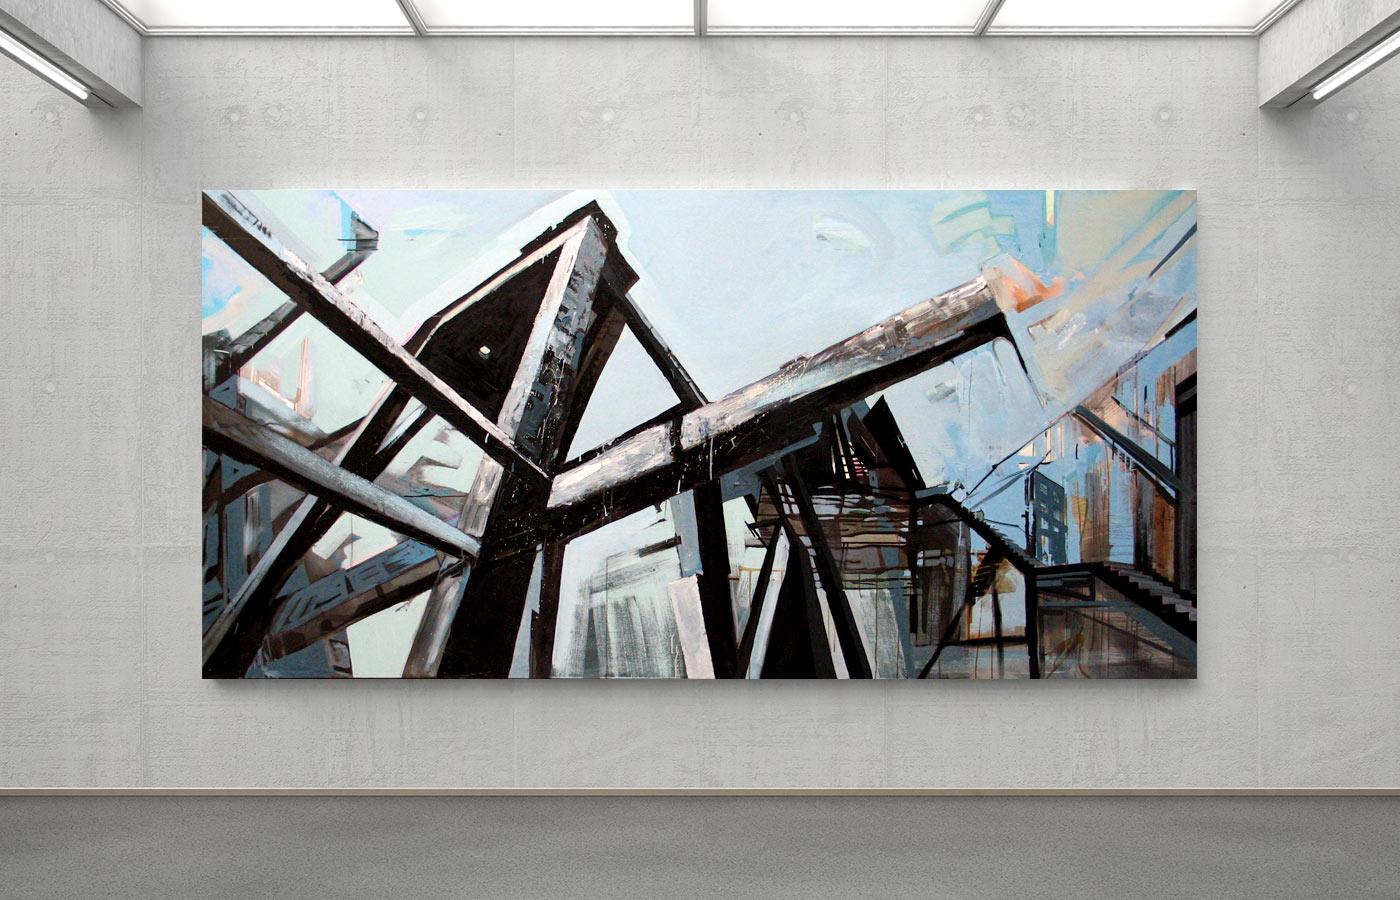 Jacek Doroszenko - Interface for the Memory, painting 01